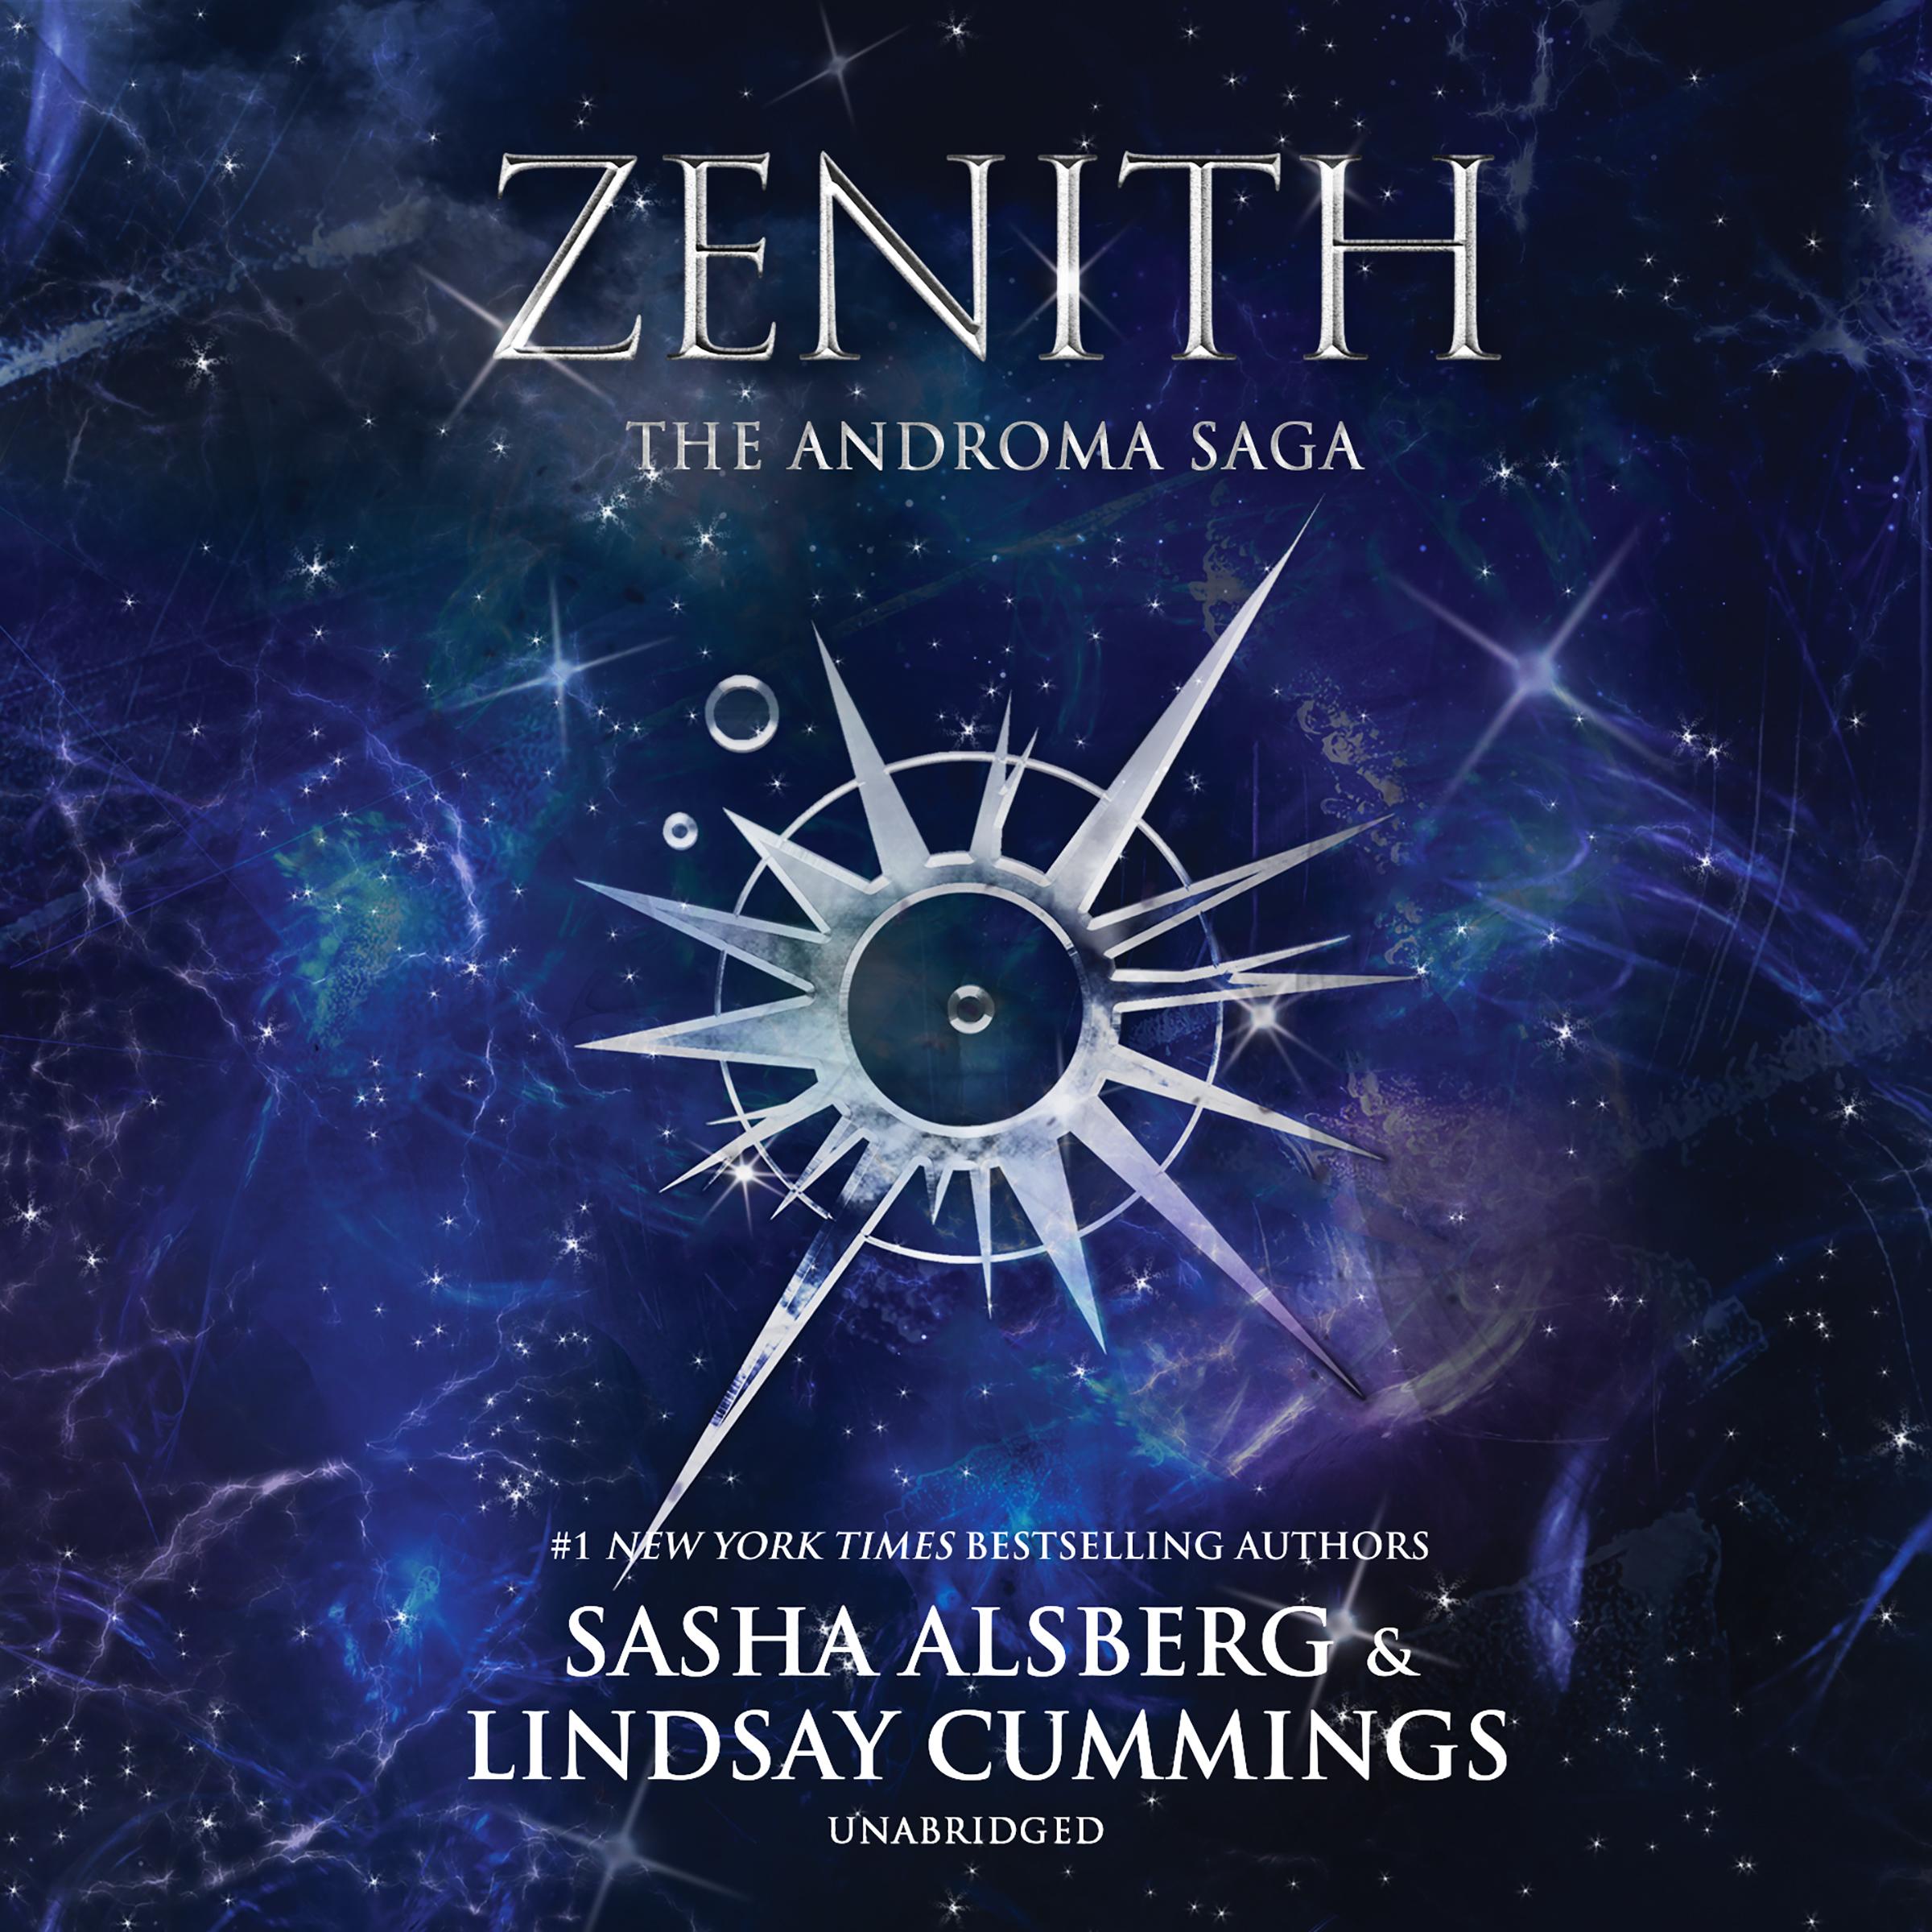 Zenith the audiobook